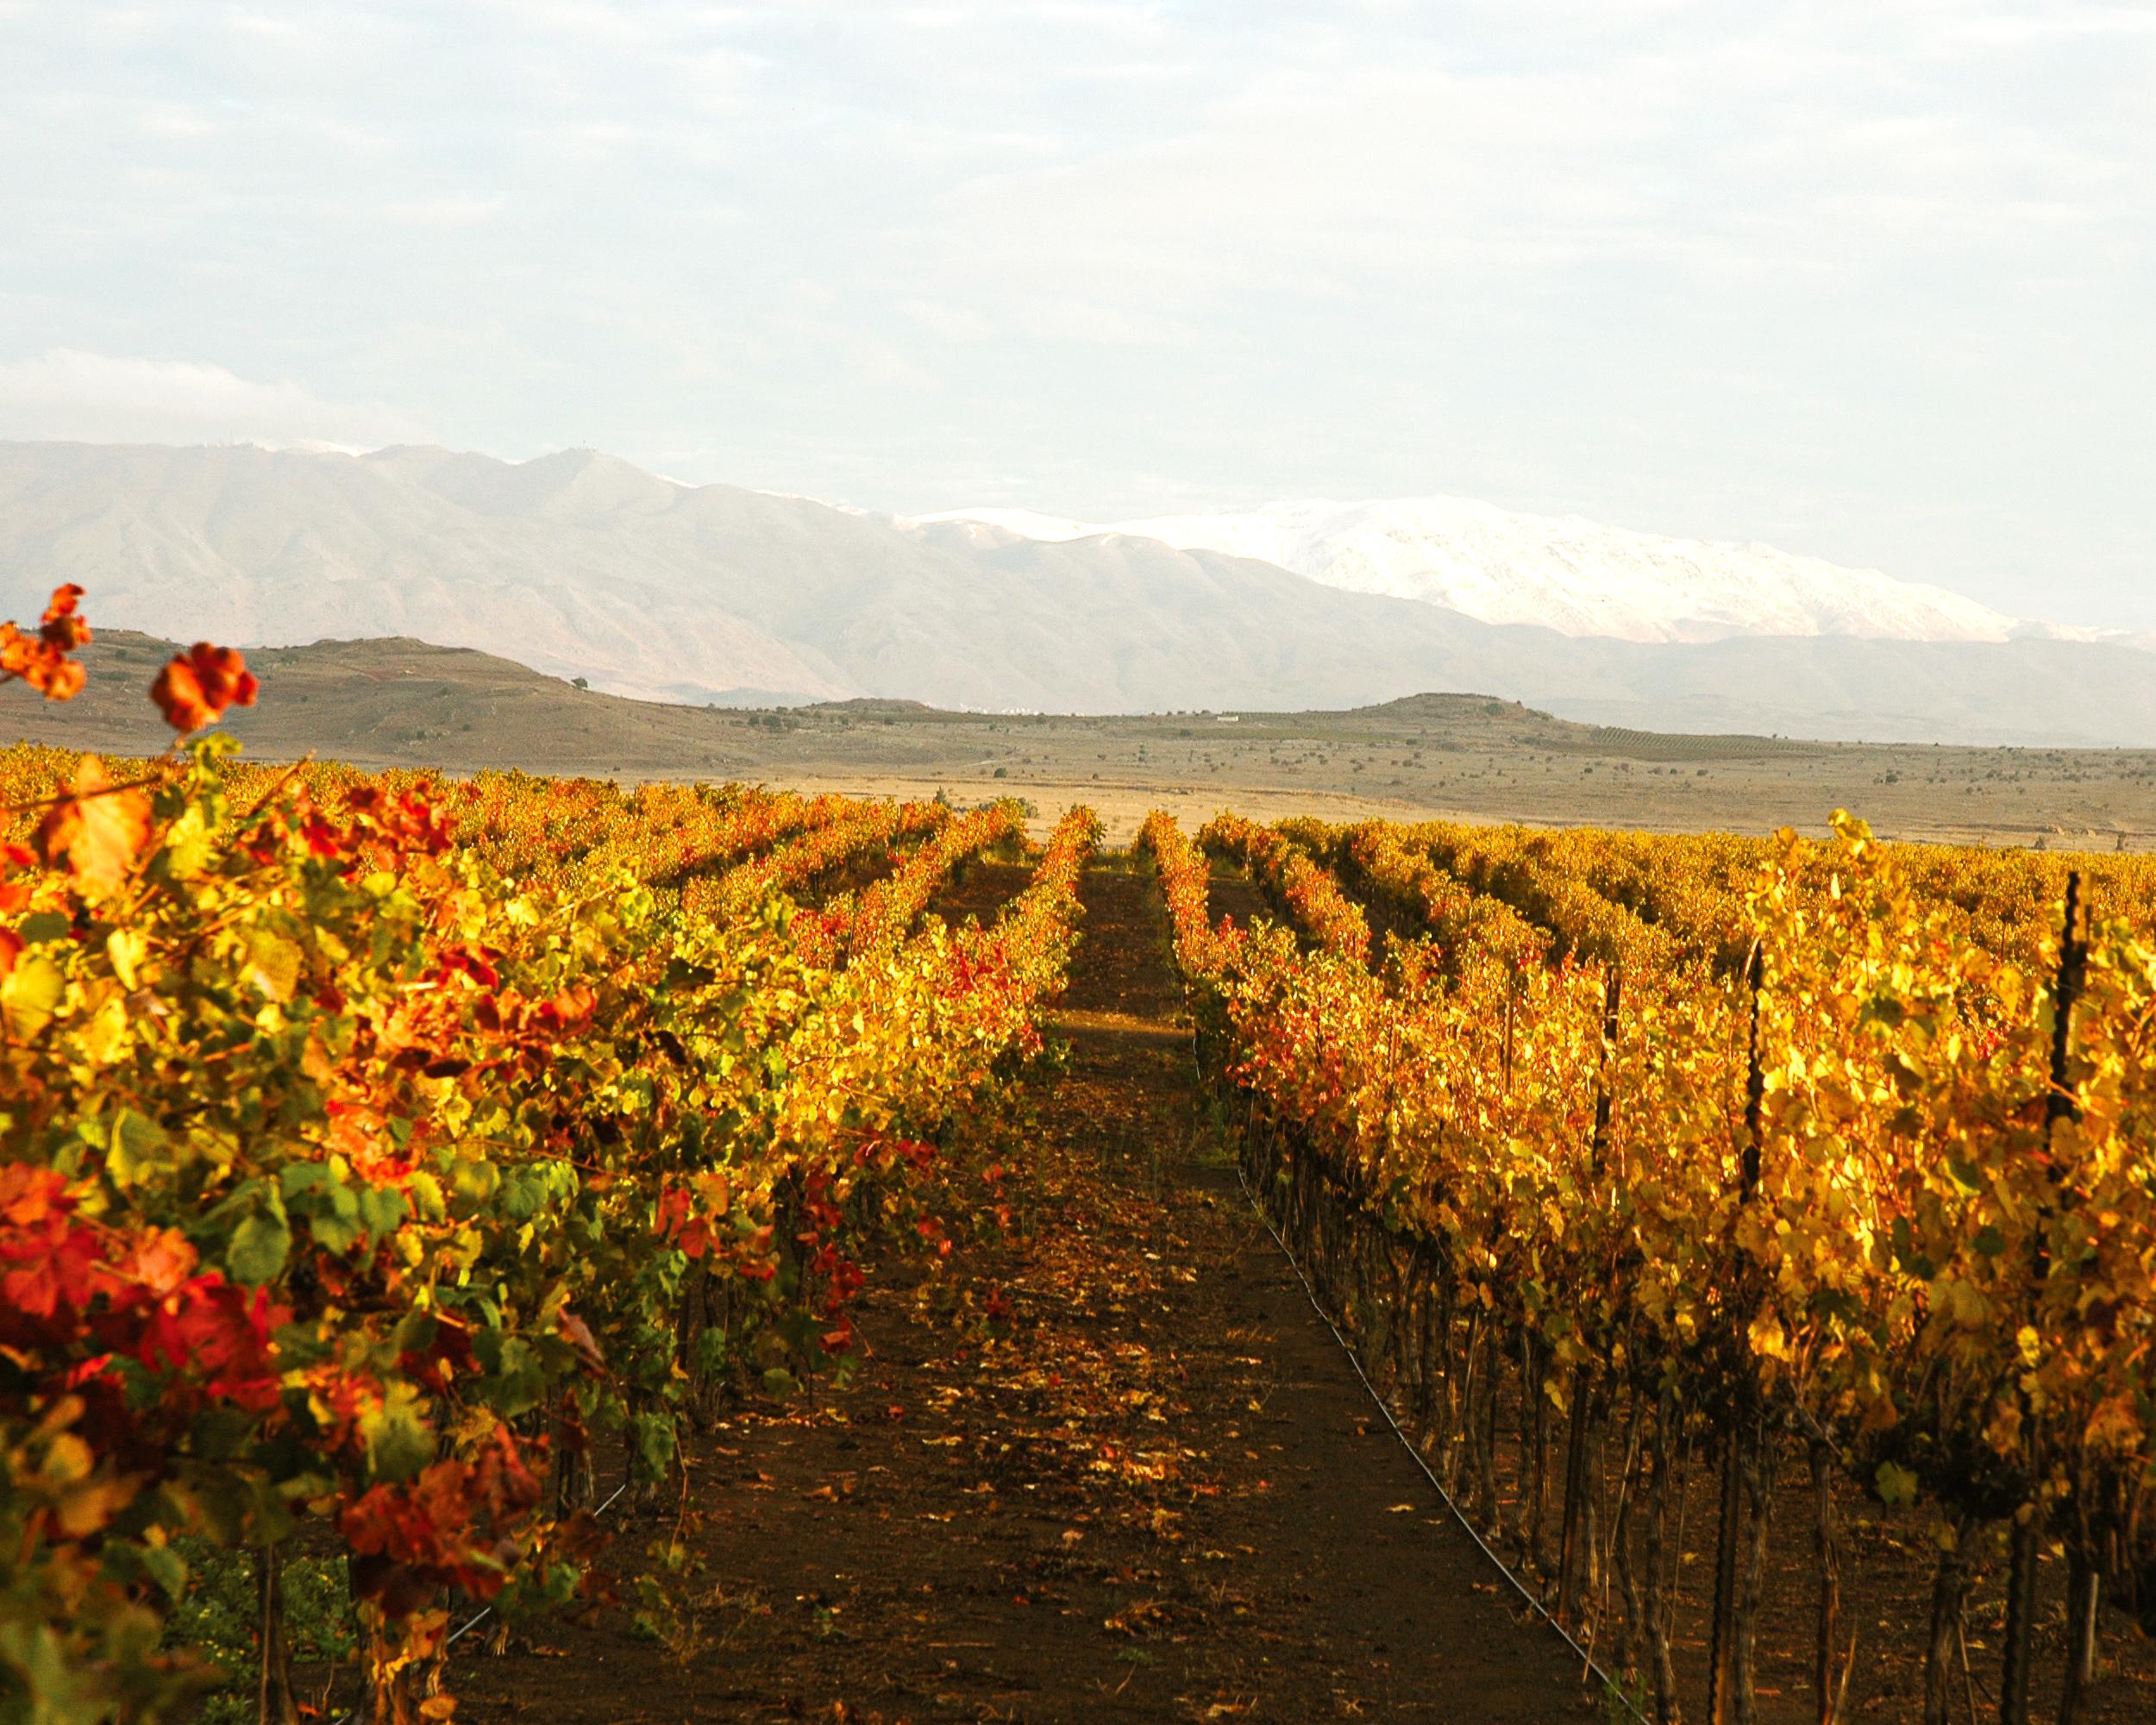 Autumn in the vineyards in Golan Heights region